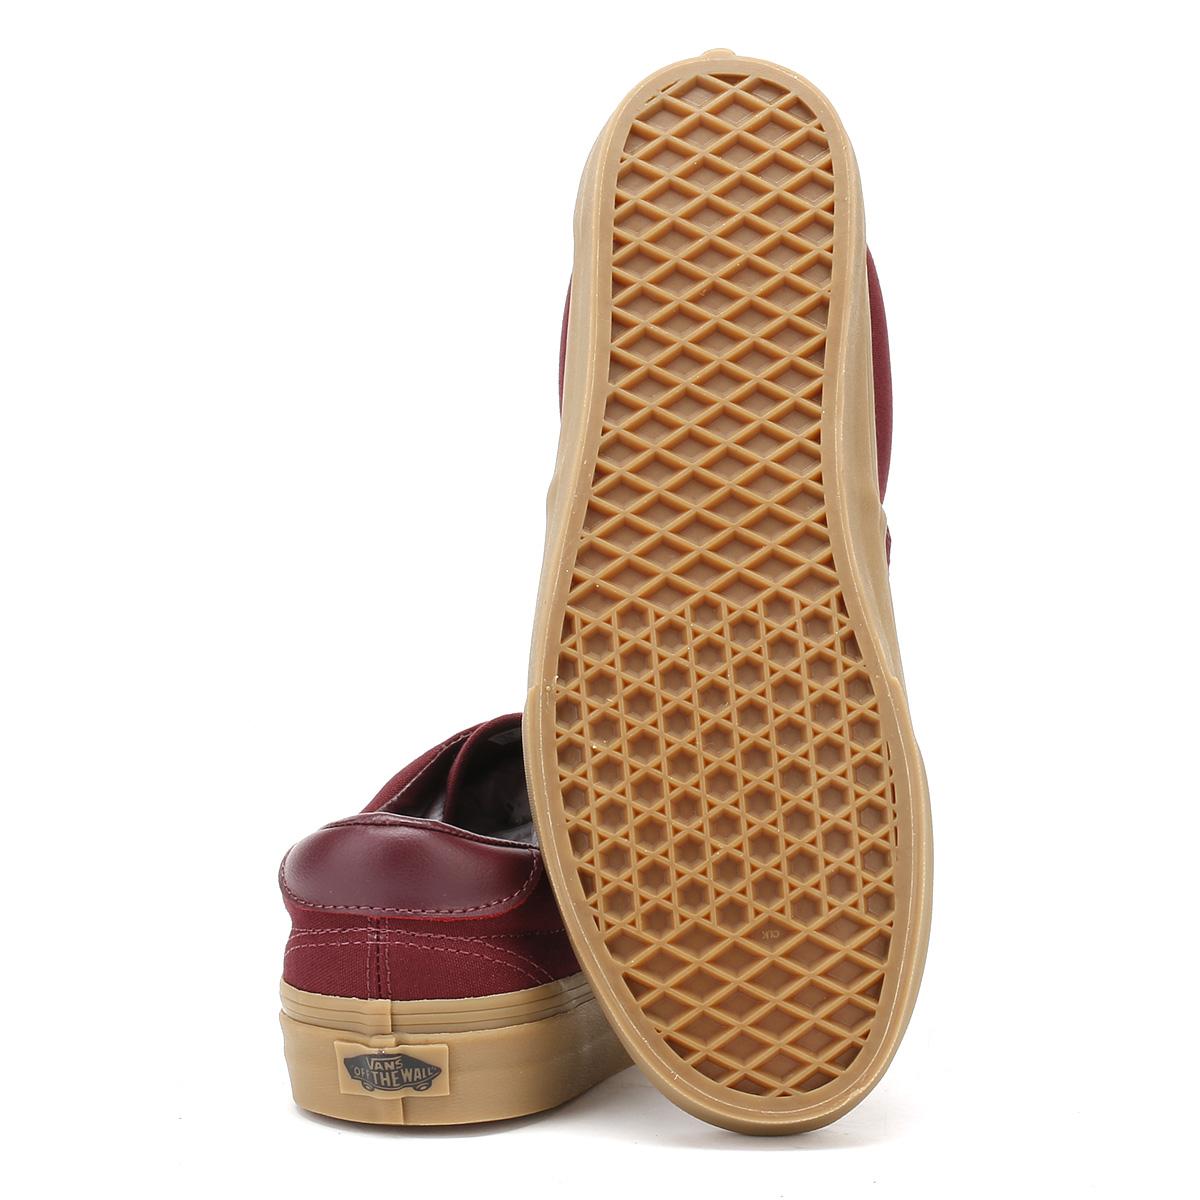 bb7ac686b14e08 Vans Mens Trainers Port Royale Burgundy   Light Gum Canvas Era 59 Skate  Shoes